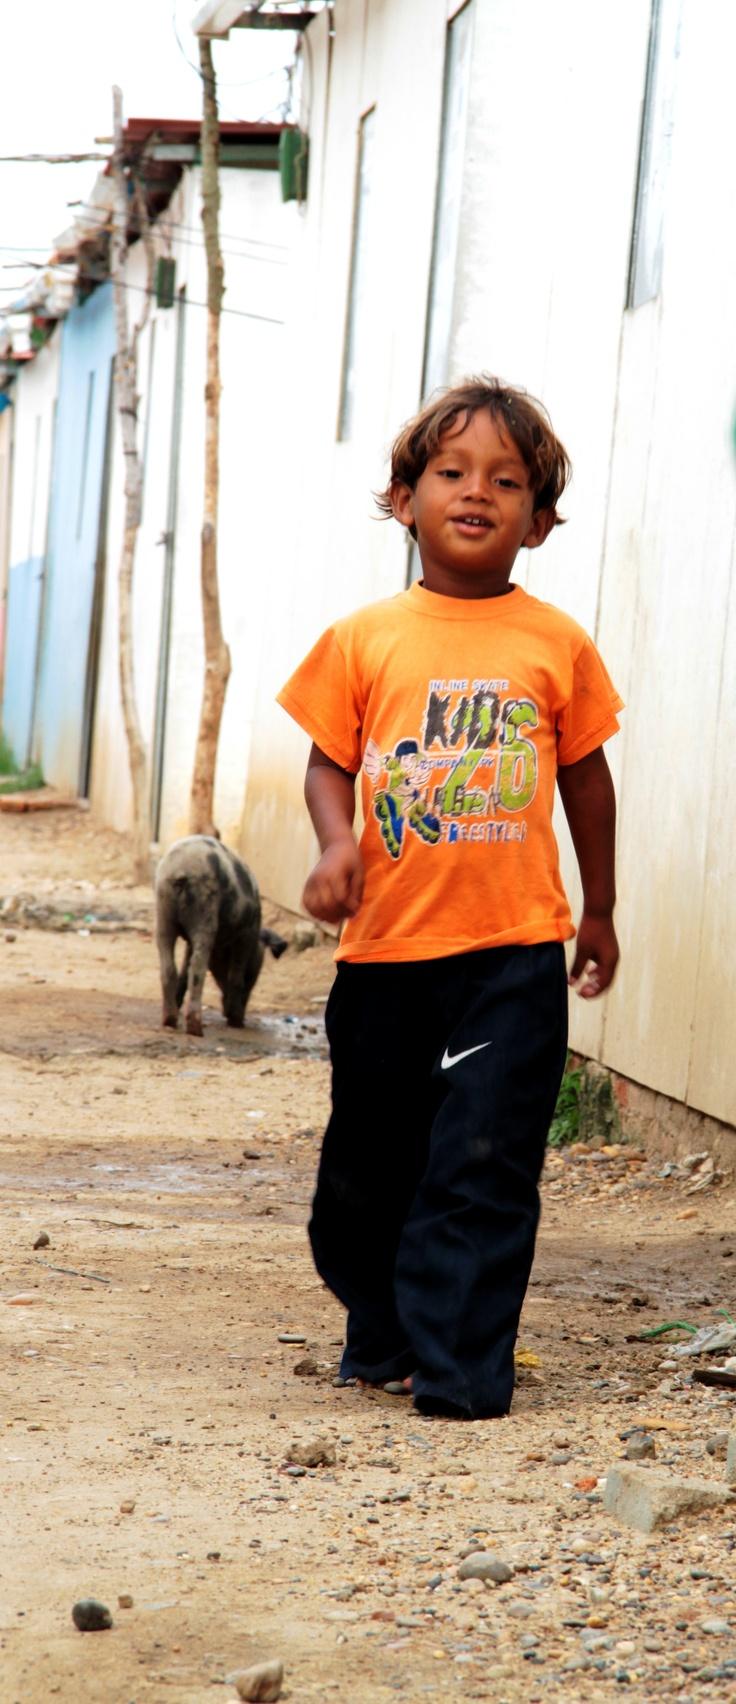 Niño caminando.  Crédito: Sandra Preciado.